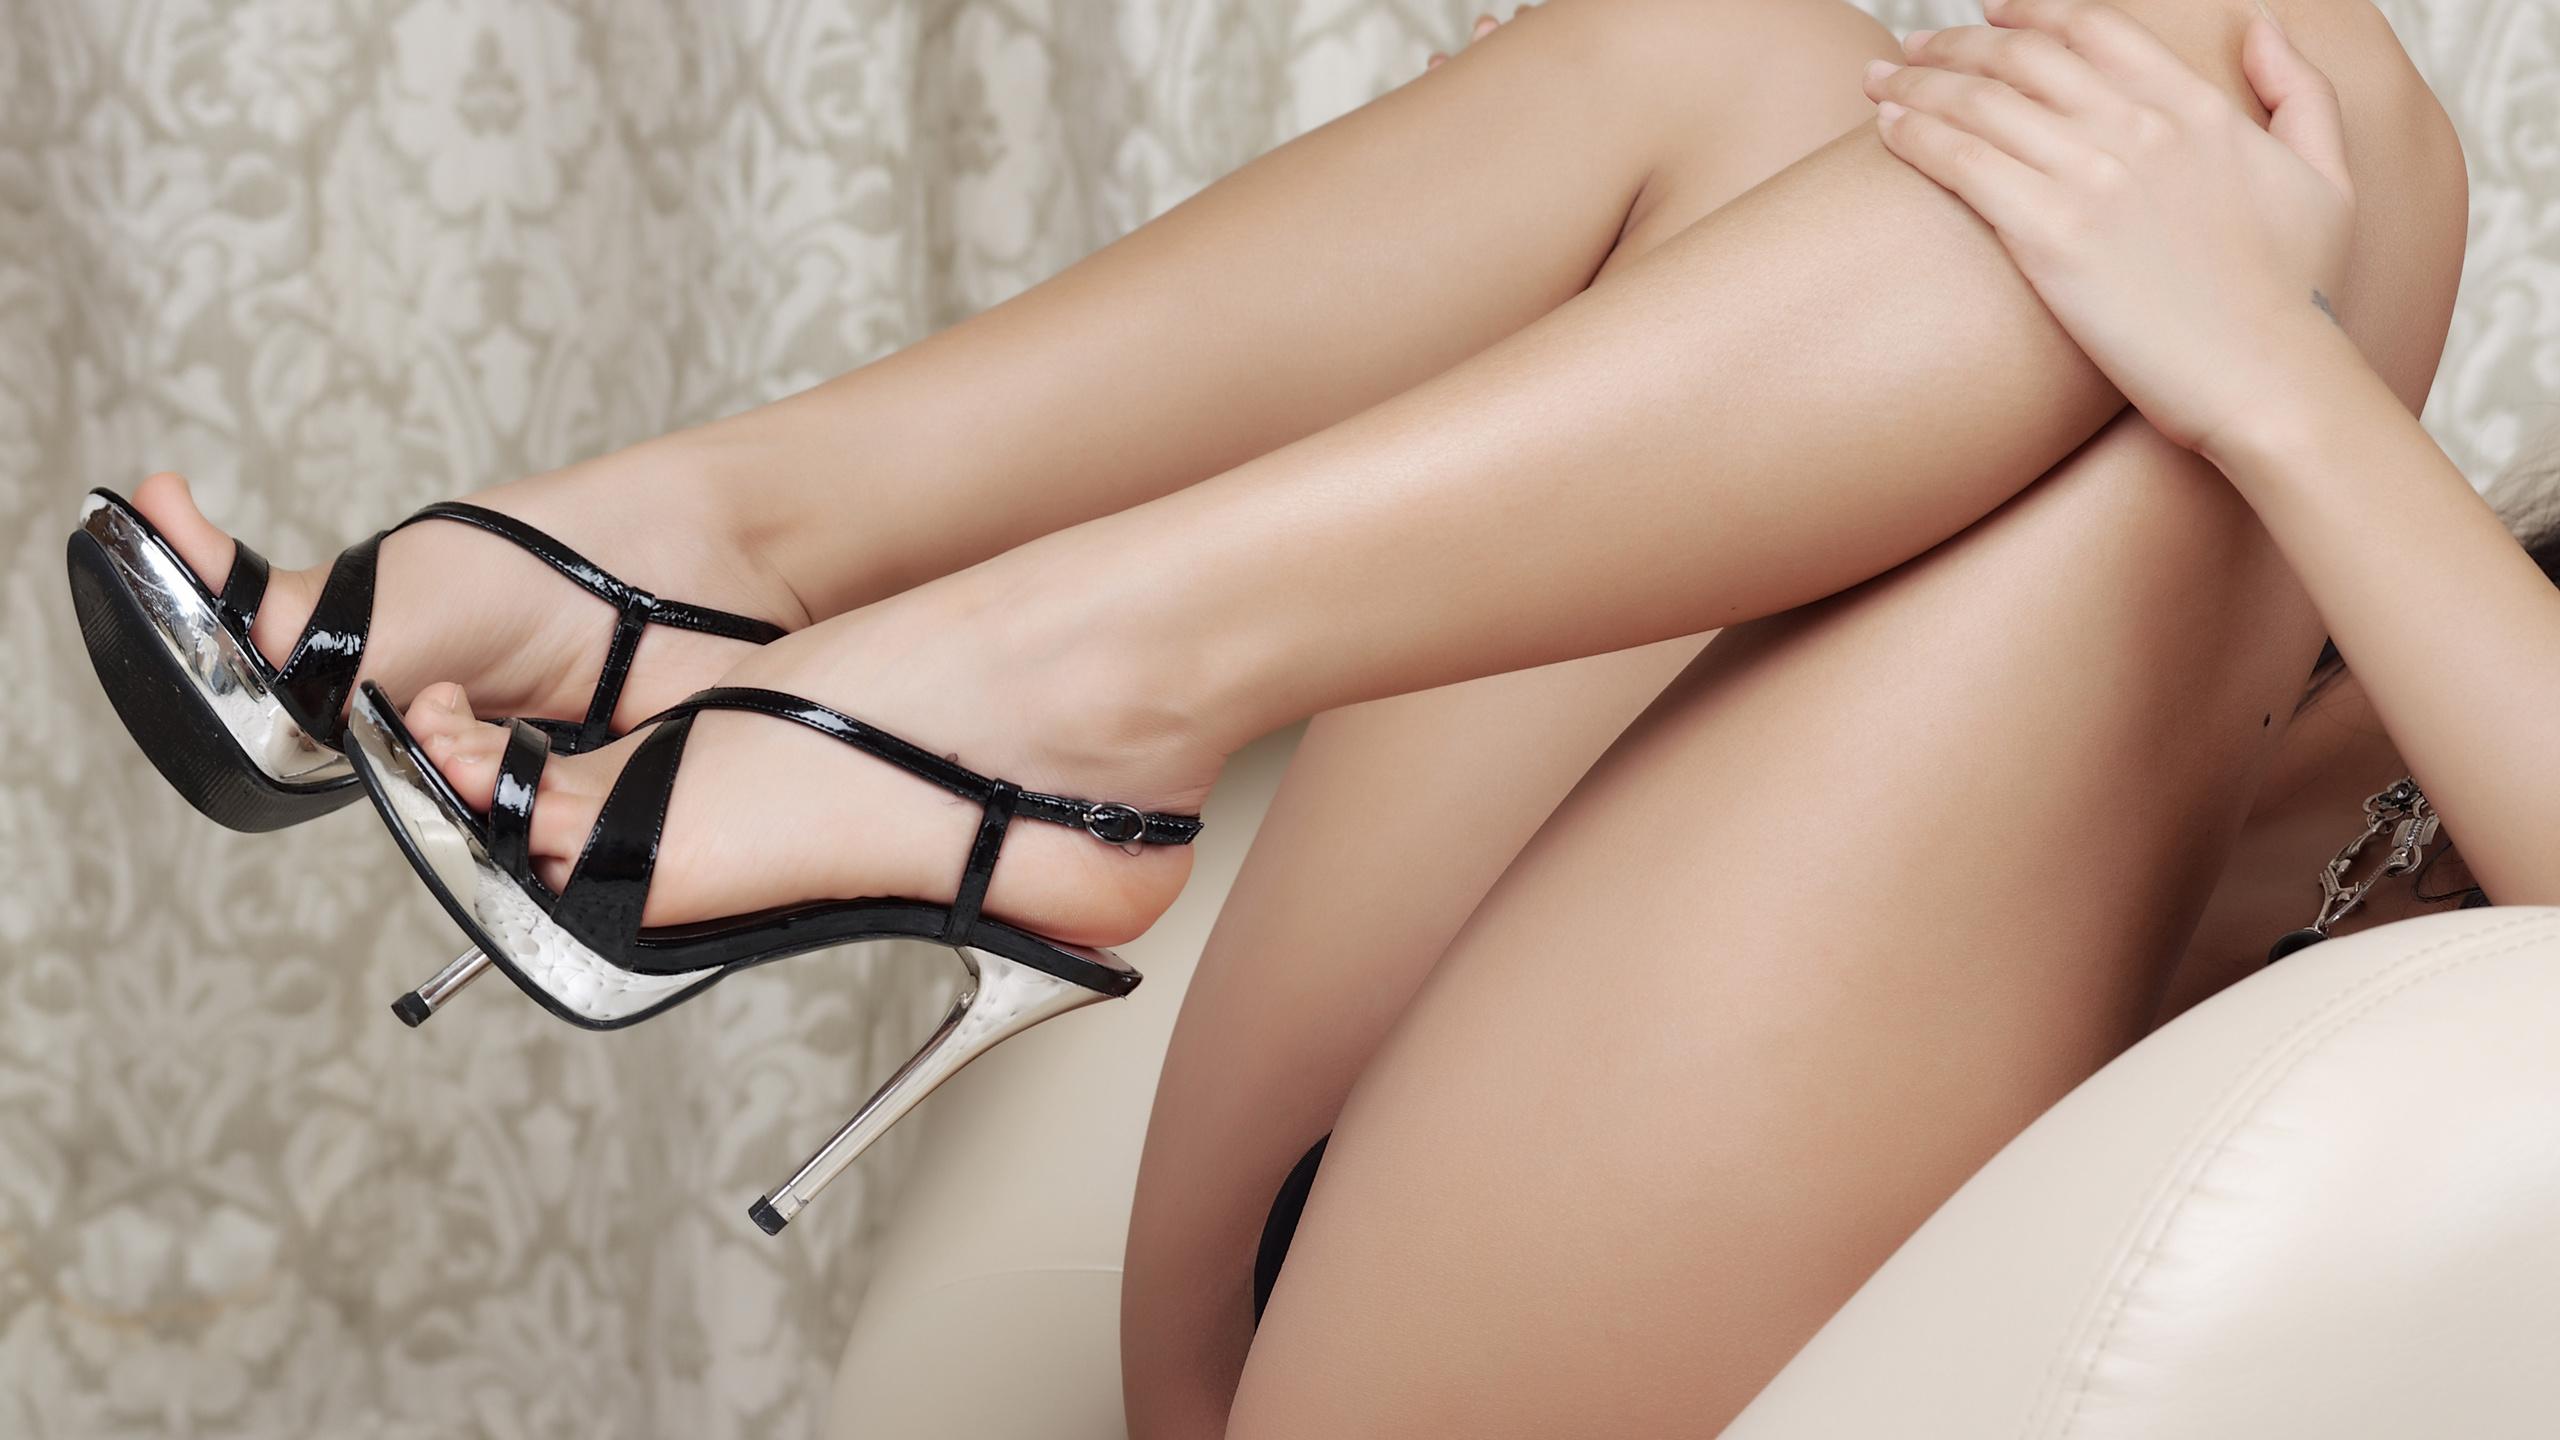 самые красивые обнаженные женские ножки картинки мардж симпсон